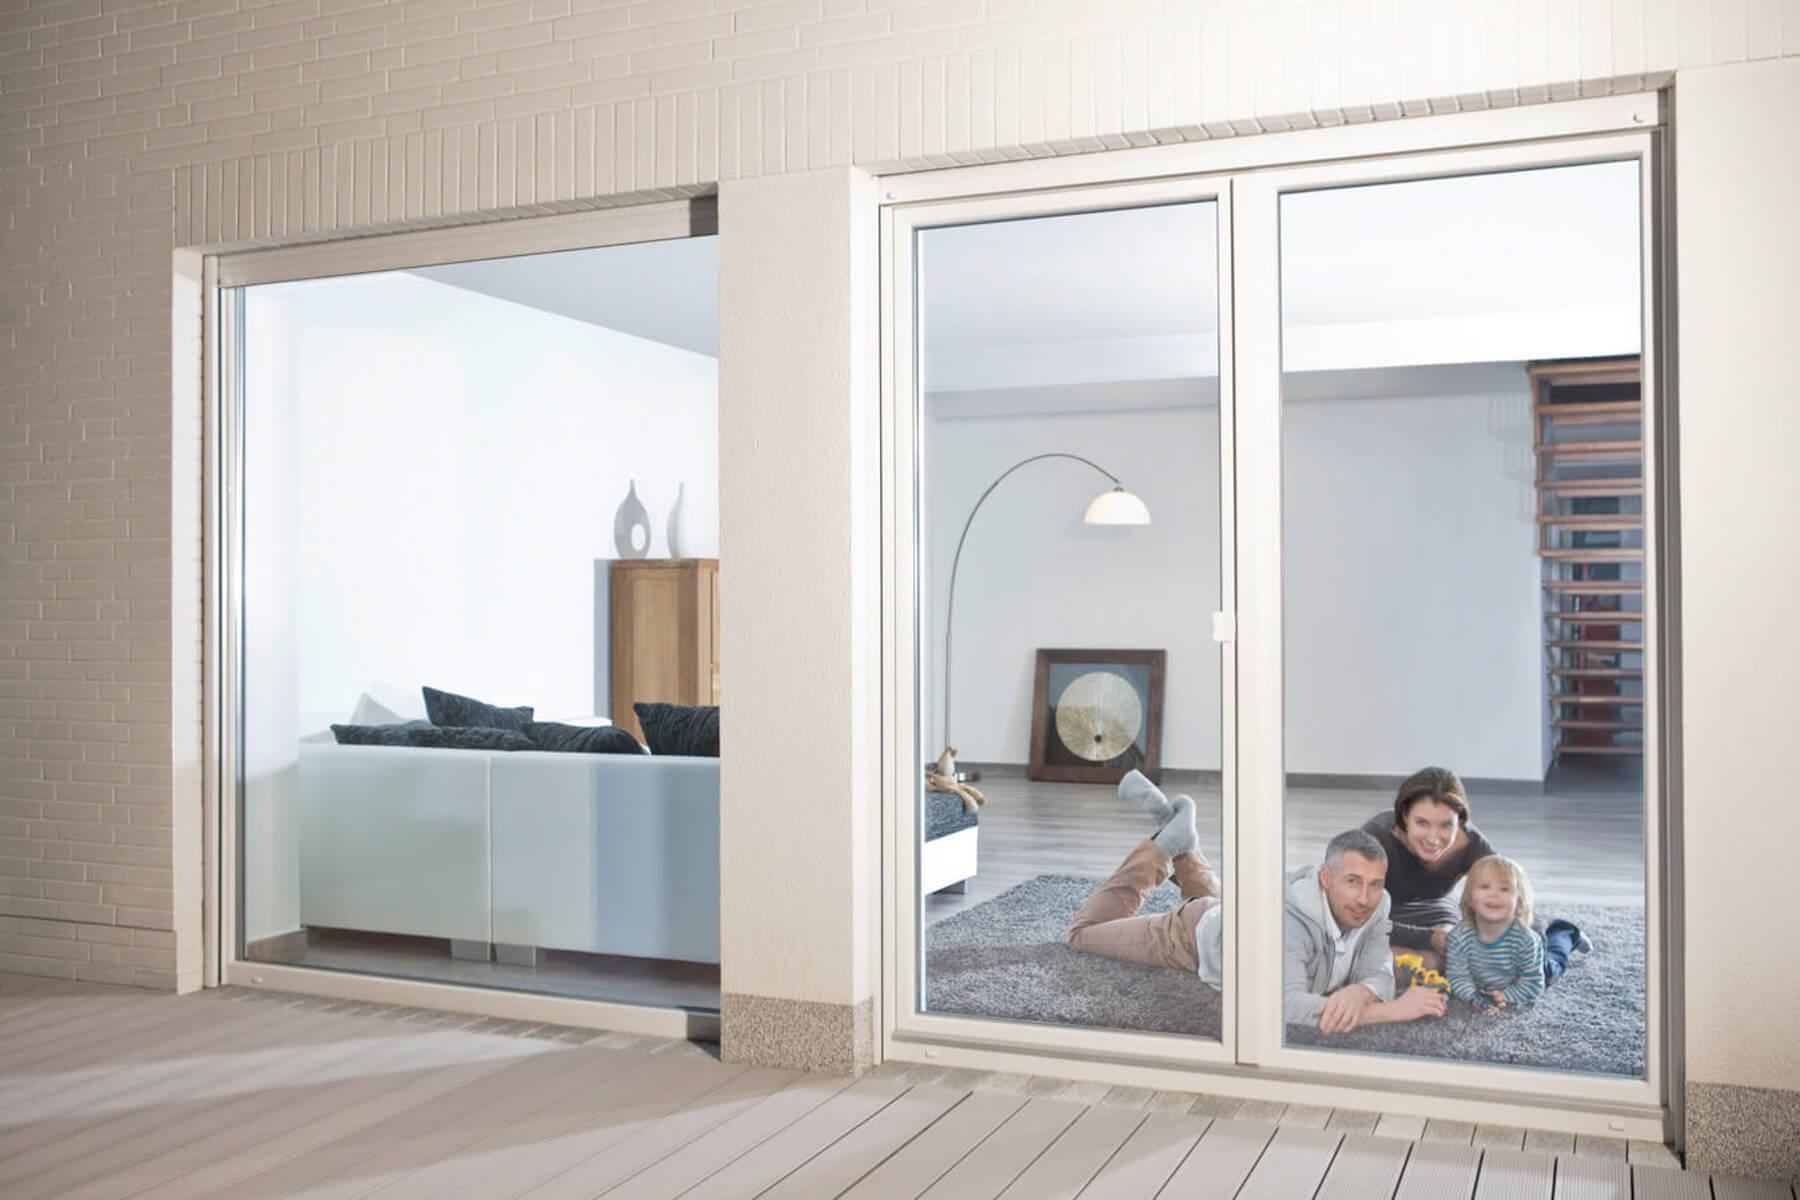 Inspirierend Fensterfront Dekoration Von Terrassentuere-breit-fensterfront-rehau-hg-raumdesign